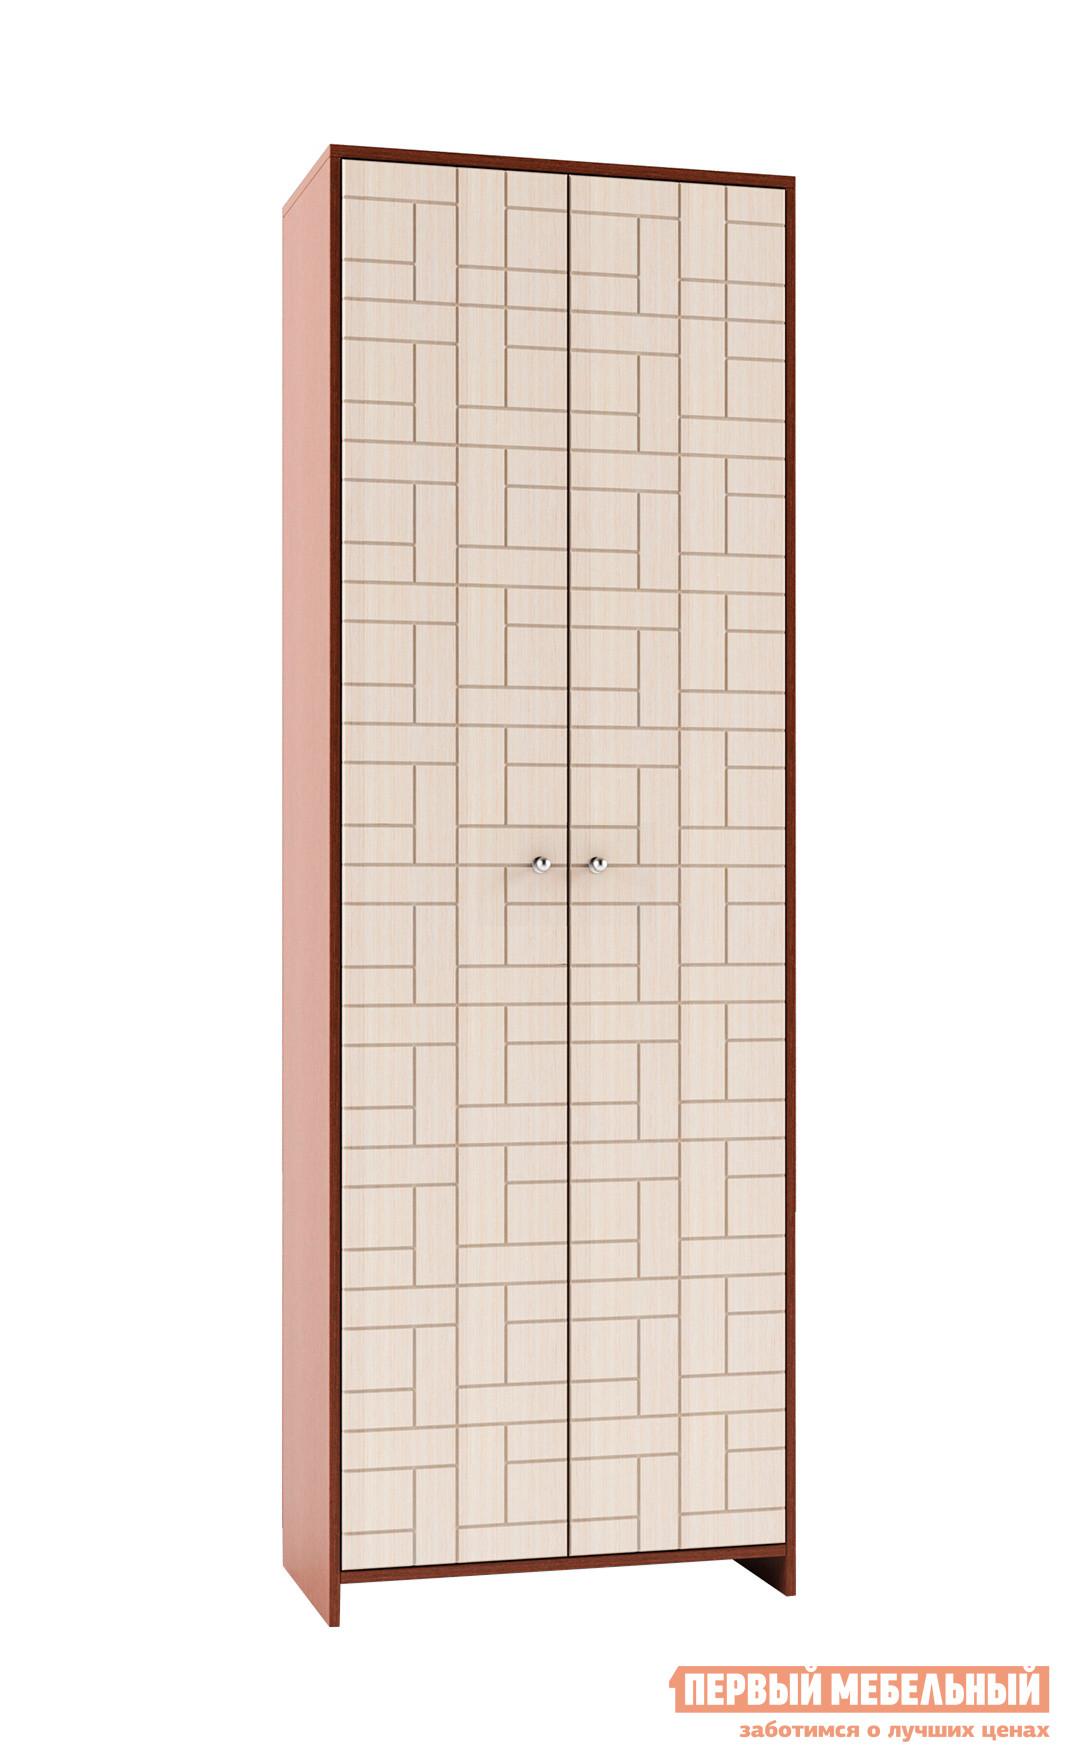 Шкаф распашной МО РОСТ Восток-8М Выбеленный дуб / Венге конгоШкафы распашные<br>Габаритные размеры ВхШхГ 2060x600x380 мм. Шкаф для верхней одежды — отличное решение для хранения вещей.  Его классический вид позволяет разместить модель в любой комнате дома: прихожей, гостиной, спальне.  За распашной дверкой находится антресольная полка и полка внизу.  Изделие производится из ЛДСП.<br><br>Цвет: Темное-cветлое дерево<br>Высота мм: 2060<br>Ширина мм: 600<br>Глубина мм: 380<br>Кол-во упаковок: 3<br>Форма поставки: В разобранном виде<br>Срок гарантии: 1 год<br>Тип: Прямые<br>Материал: Дерево<br>Материал: ЛДСП<br>Размер: Двухдверные<br>С антресолью: Да<br>С рисунком: Да